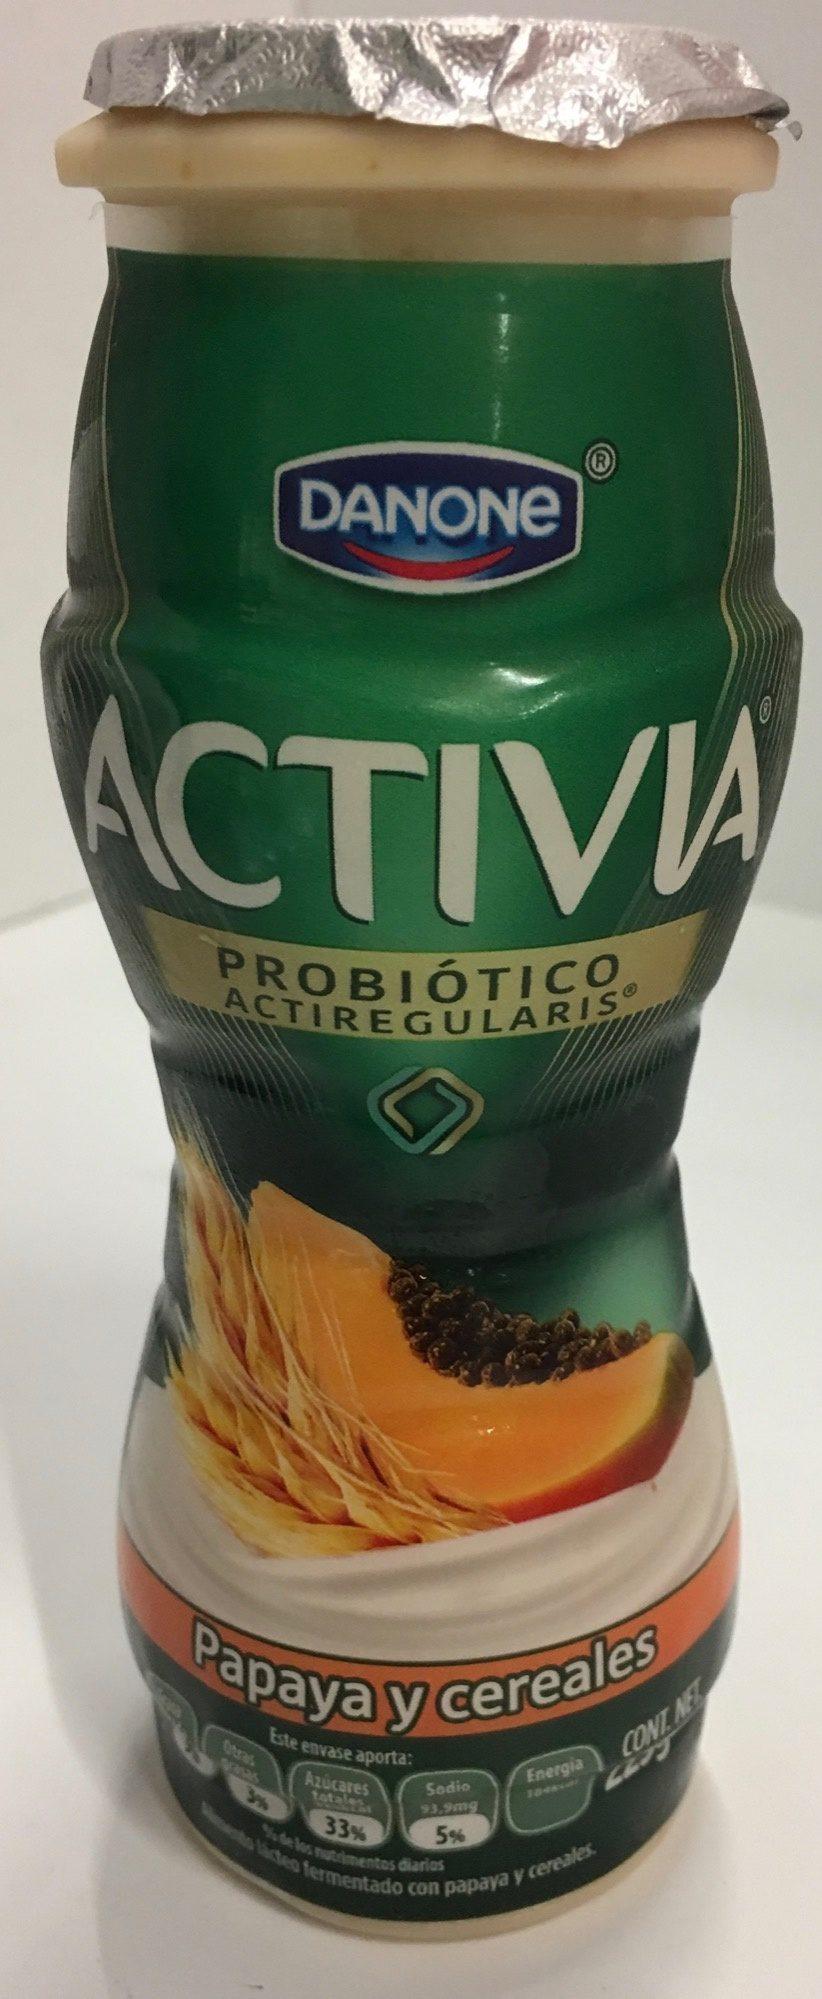 Activia papaya y cereales Danone - Product